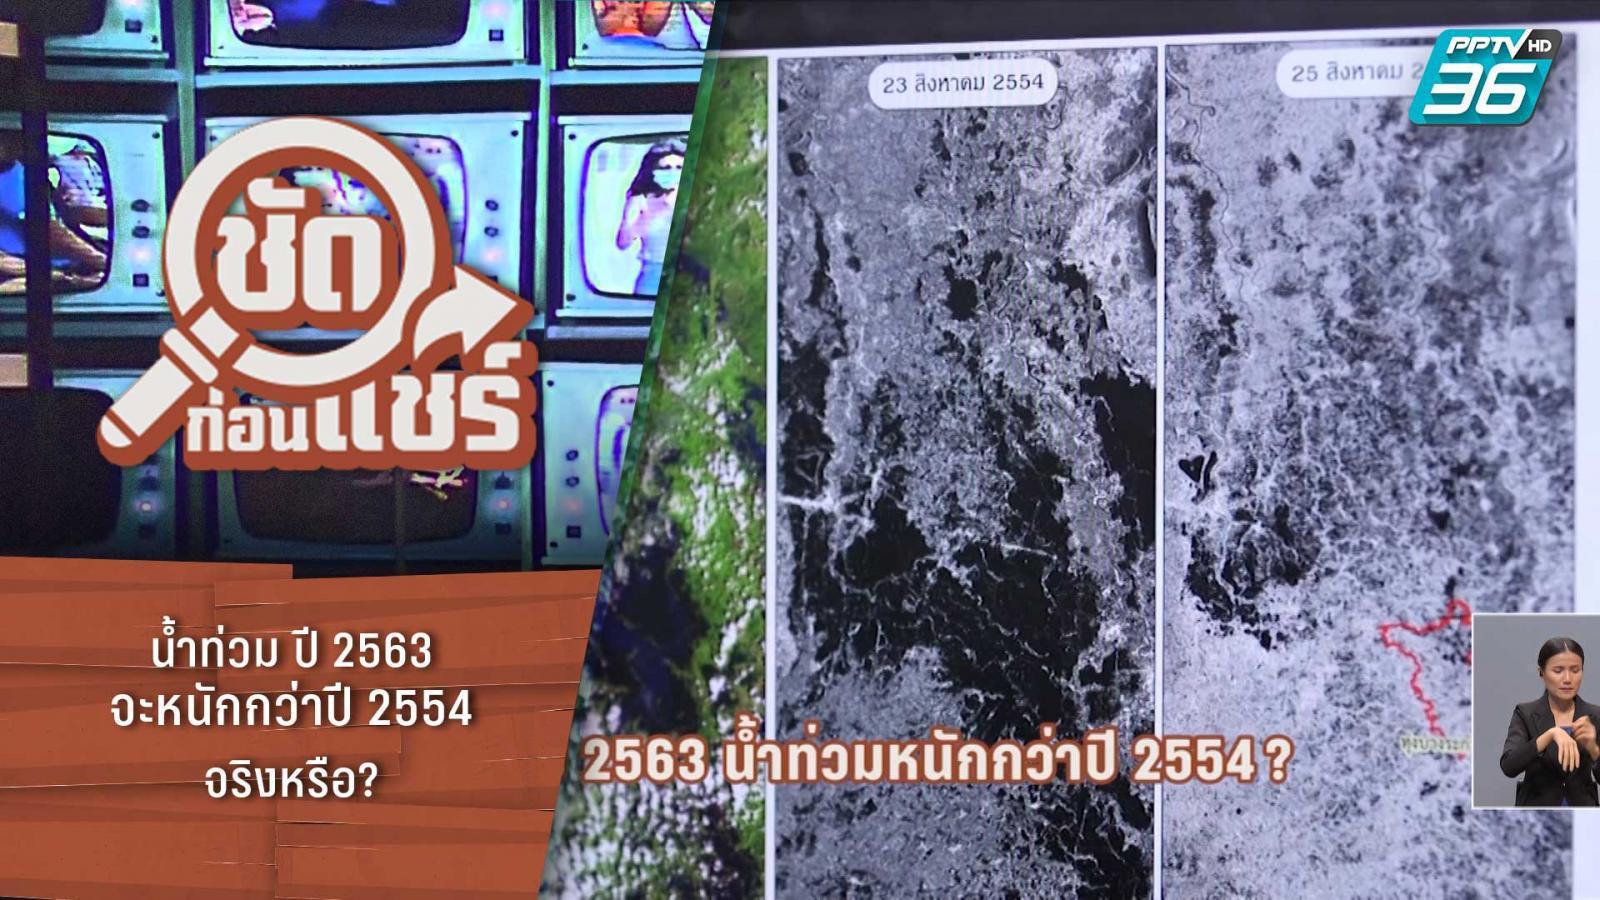 ชัดก่อนแชร์ | น้ำท่วม ปี 2563 จะหนักกว่าปี 2554 จริงหรือ? | PPTV HD 36